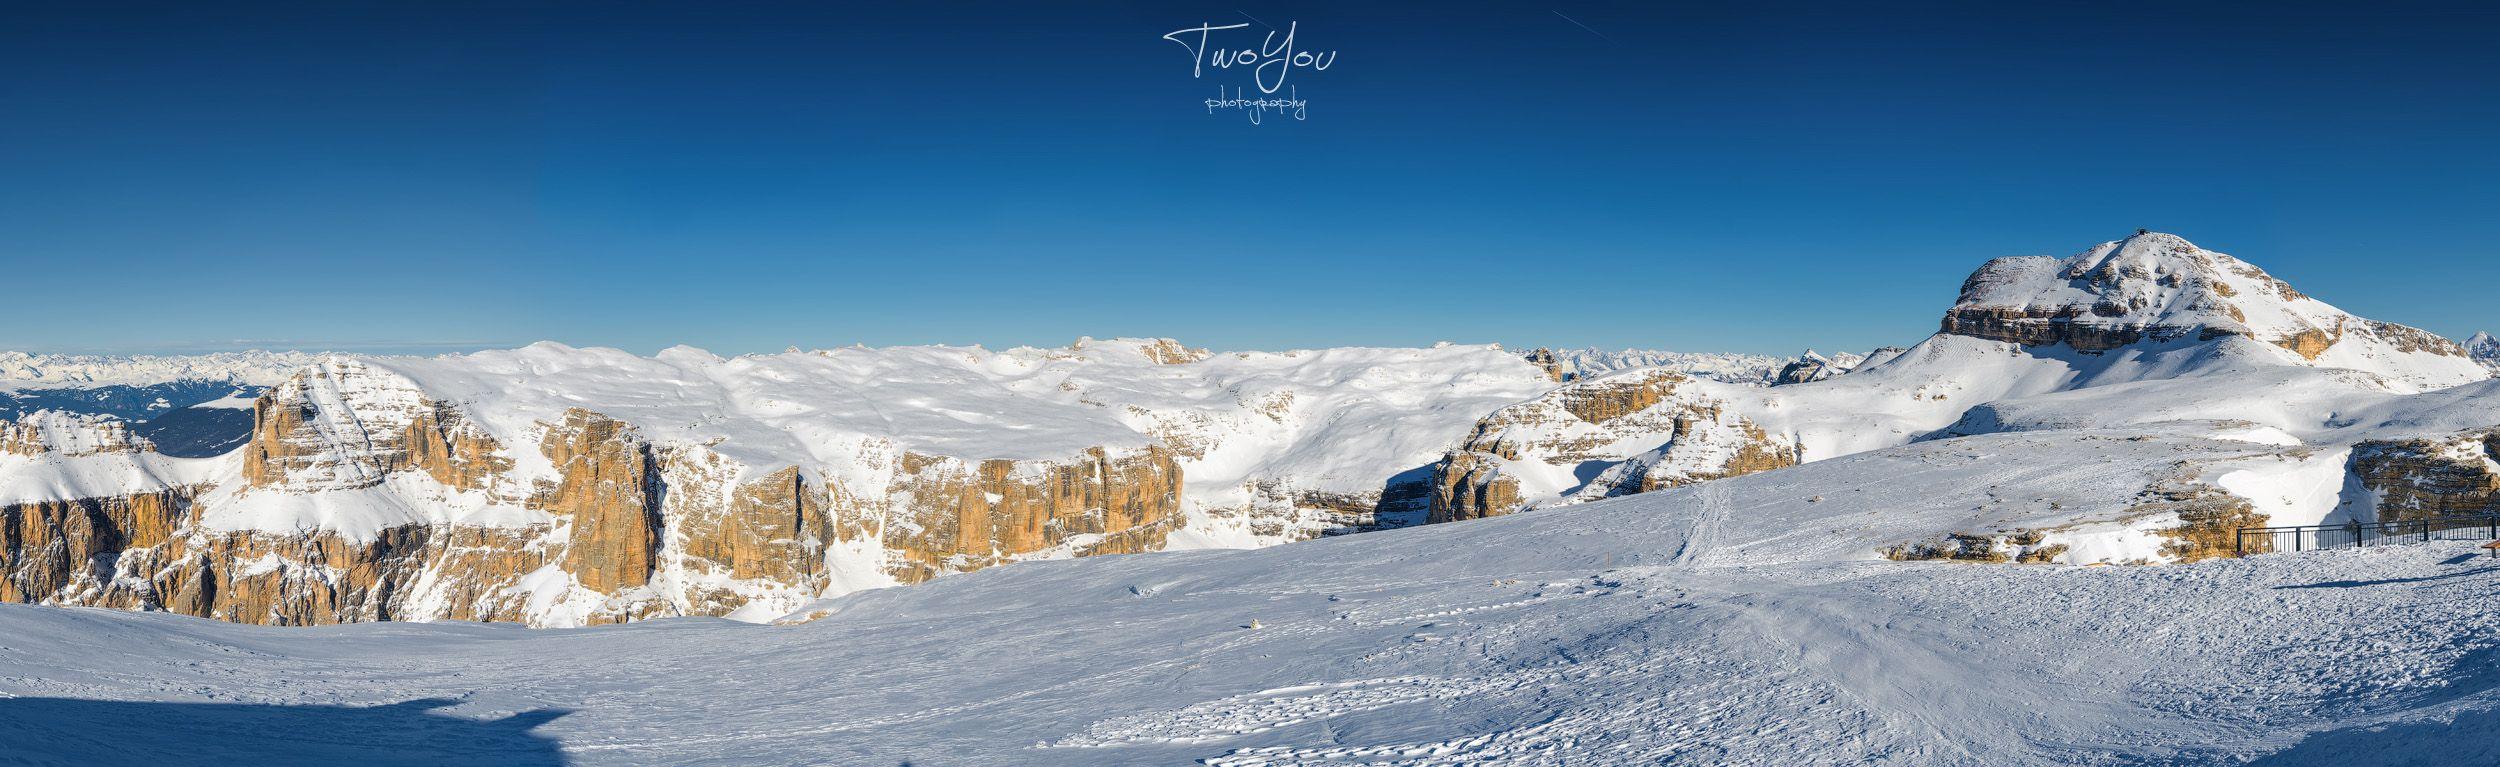 Панорама дня: Доломитовые Альпы, часть 13.